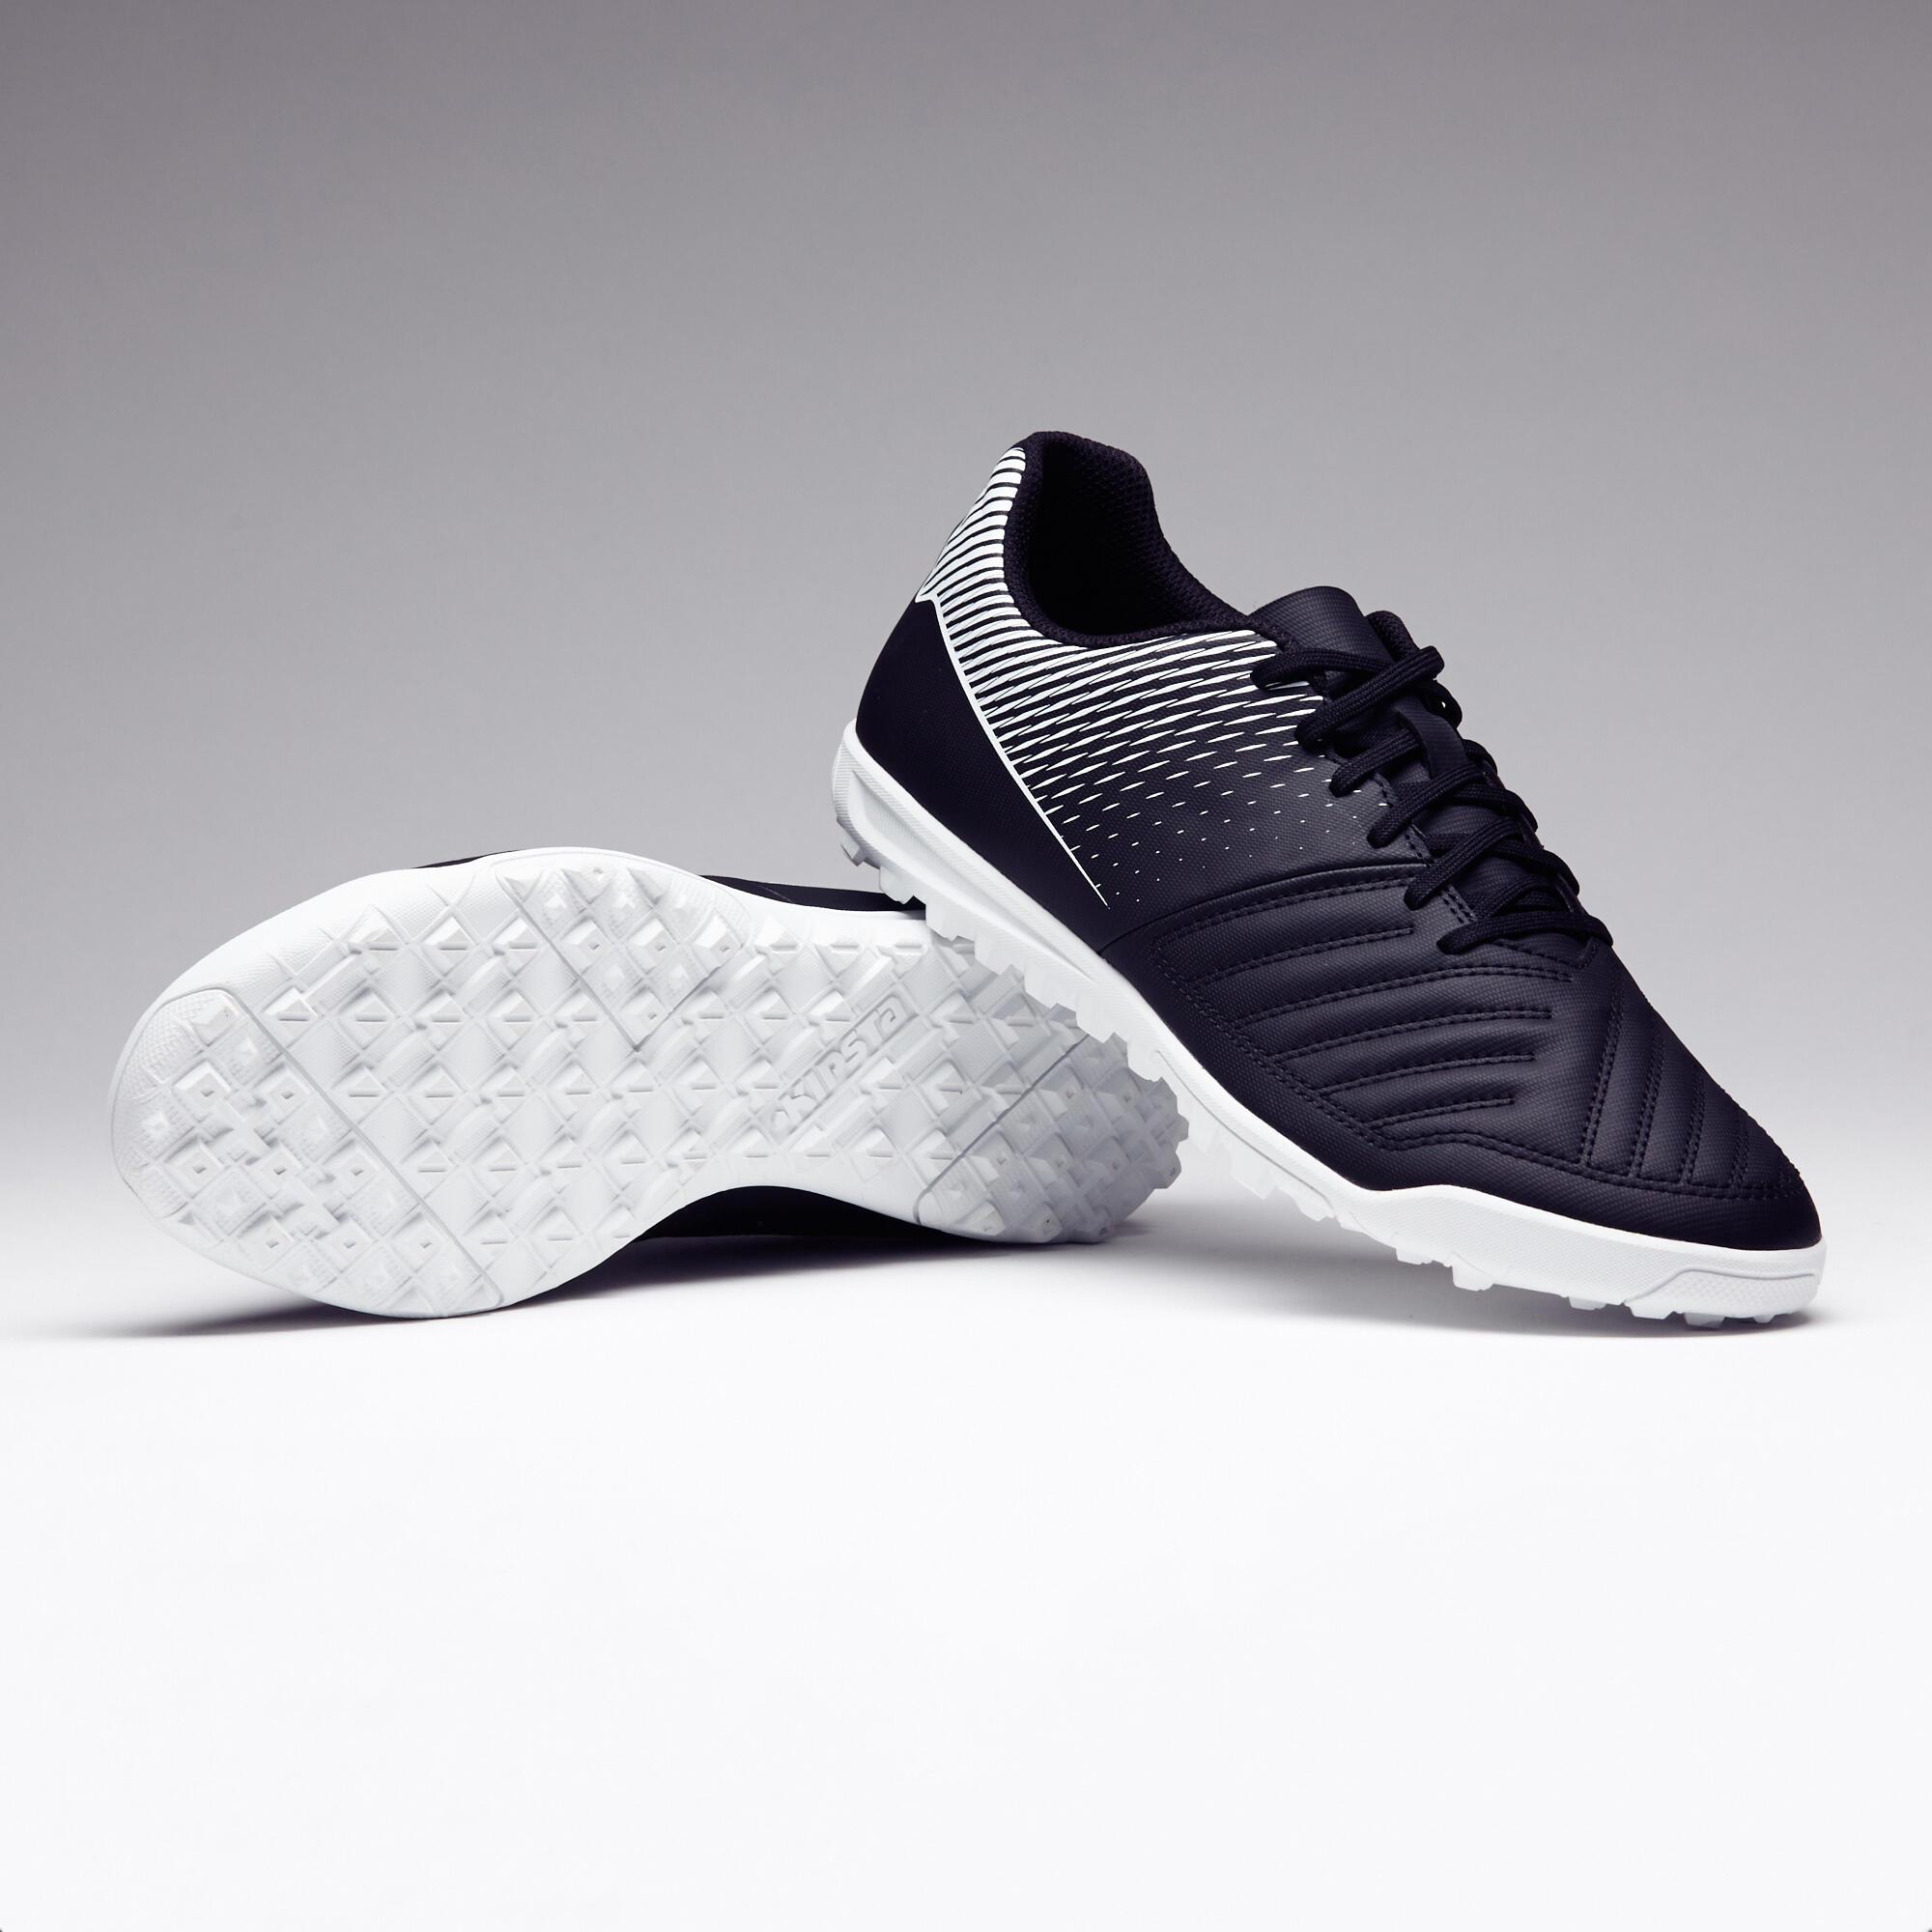 Men's Football Shoes Agility 100 HG